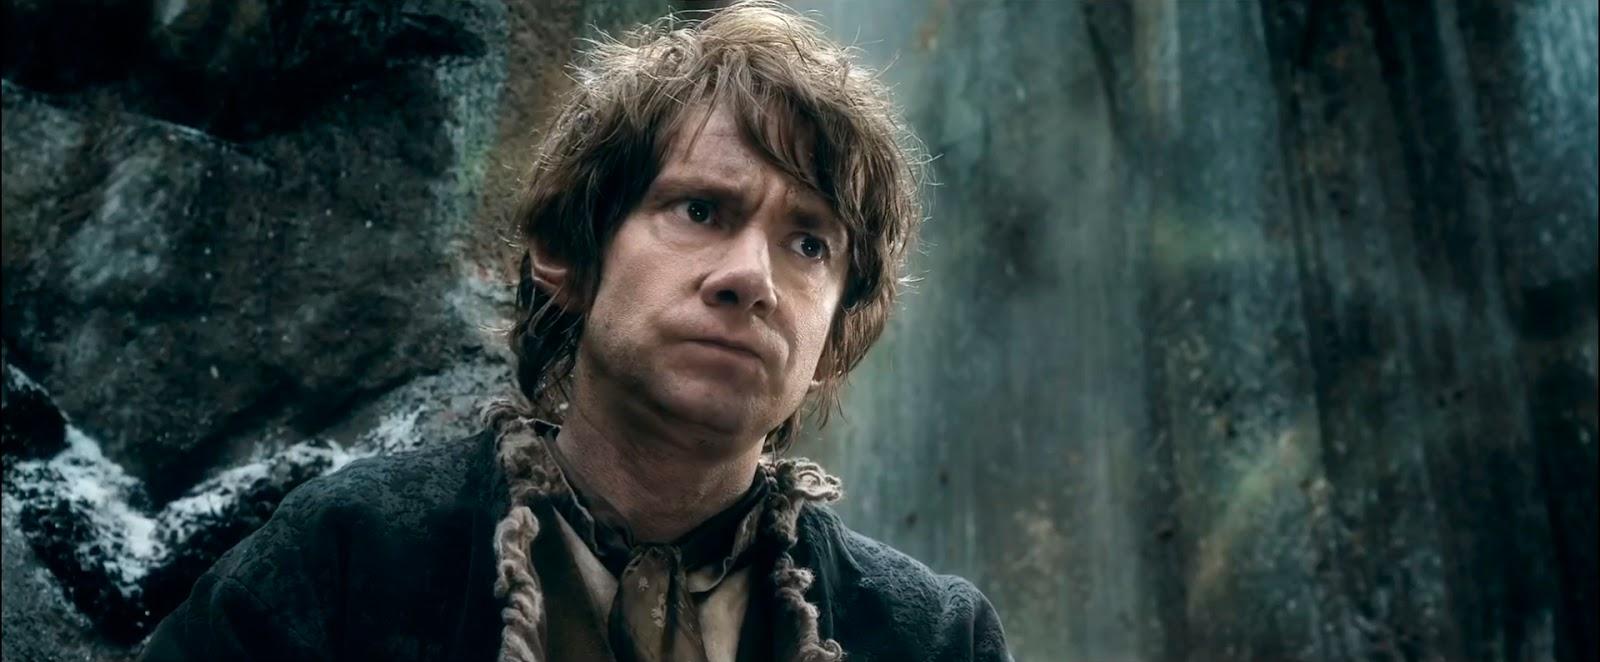 El Hobbit 3: La Batalla 5 ejércitos HD 1080p Latino captura 1